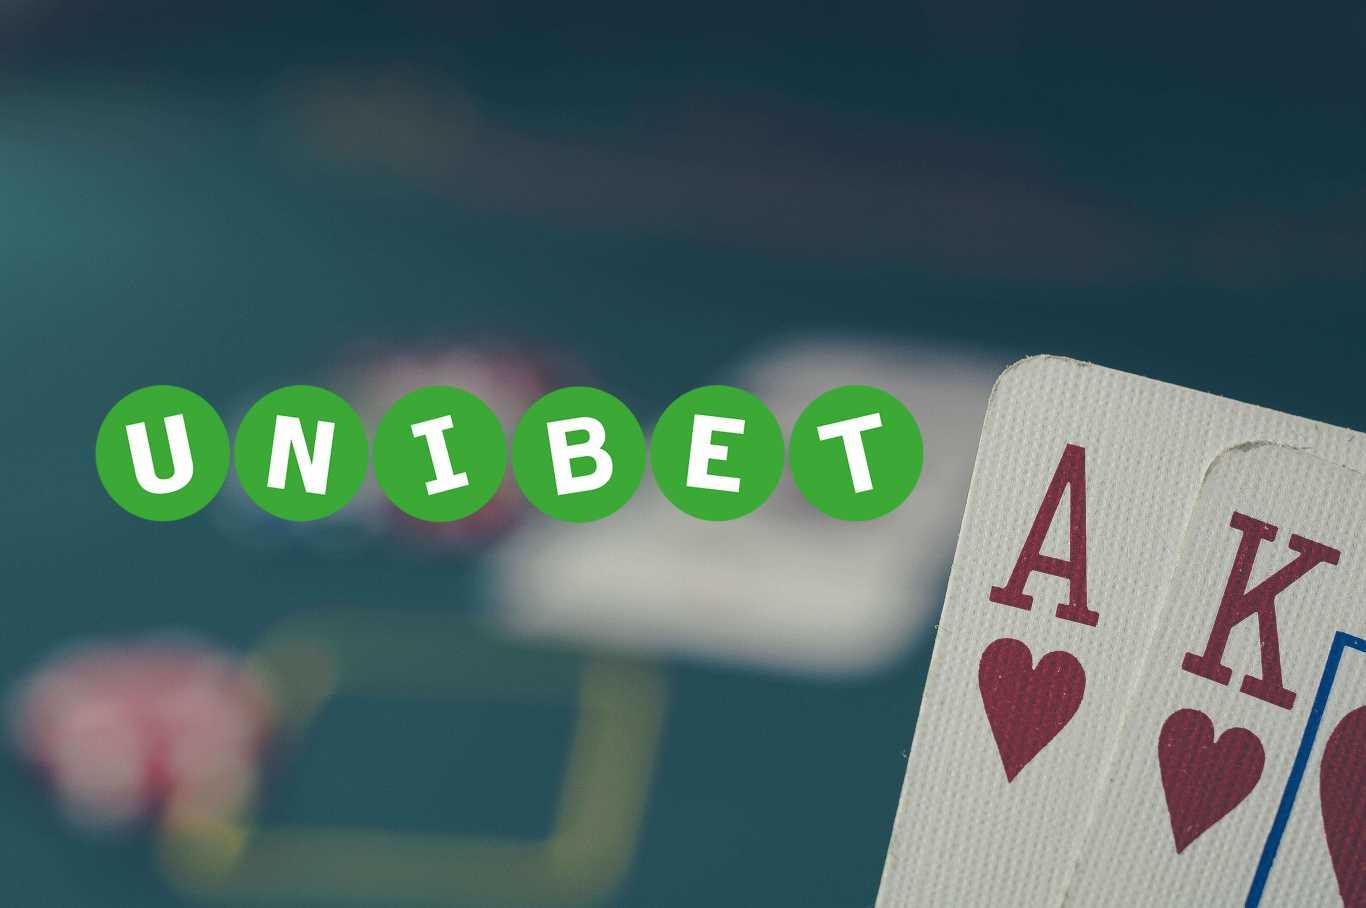 Unibet mobile app est disponible pour Android et iOS.